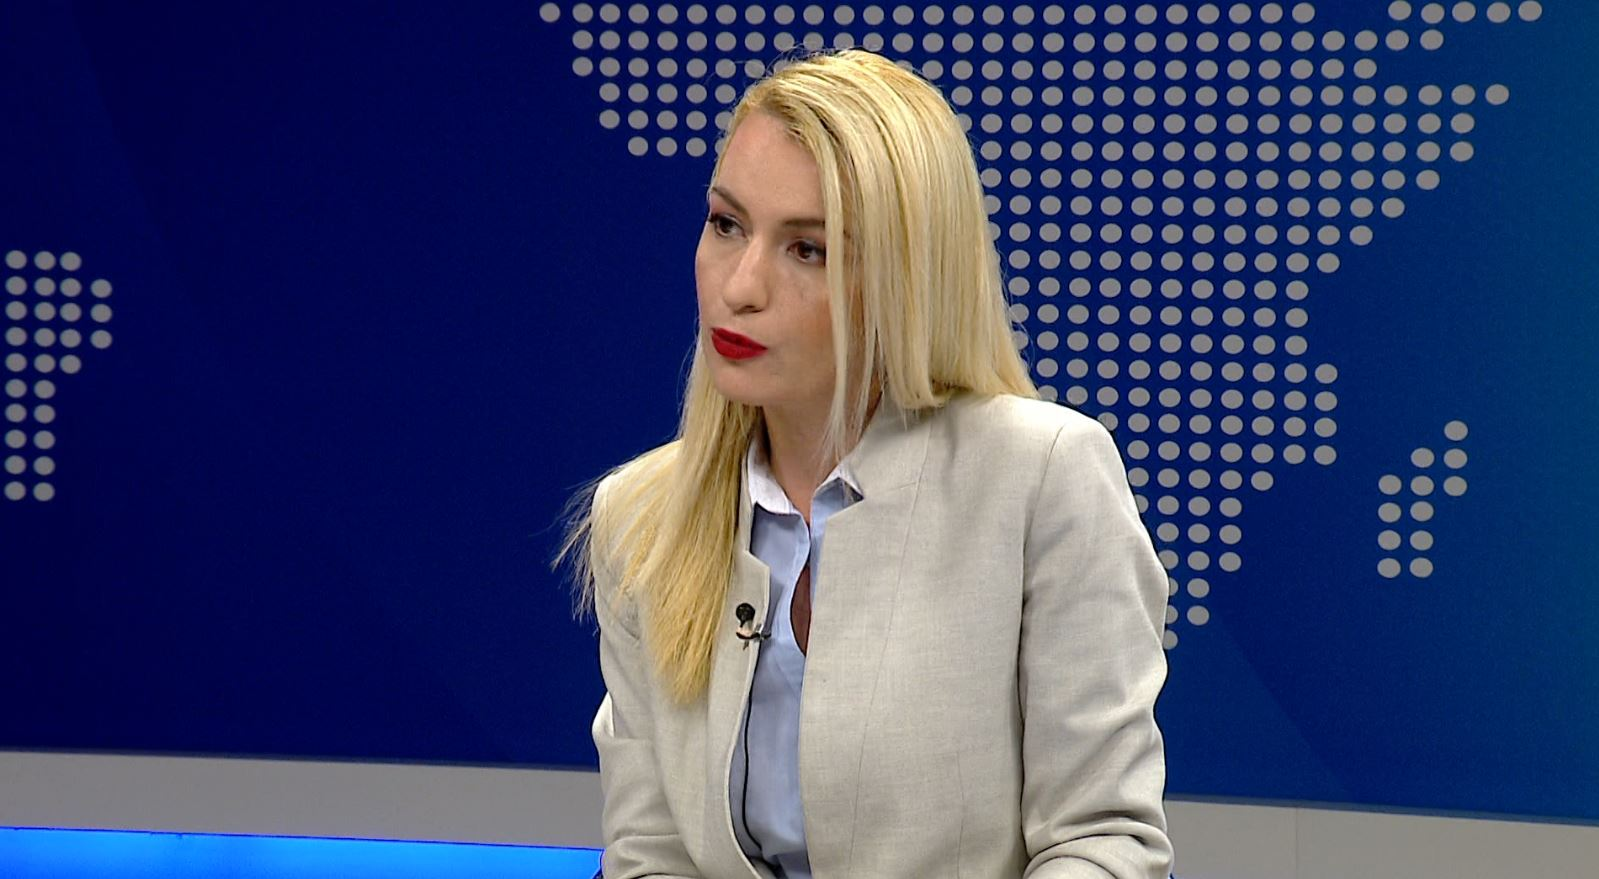 Romina Kuko: Bashkitë s'kanë tagër për të zbatuar dekretin e Presidentit